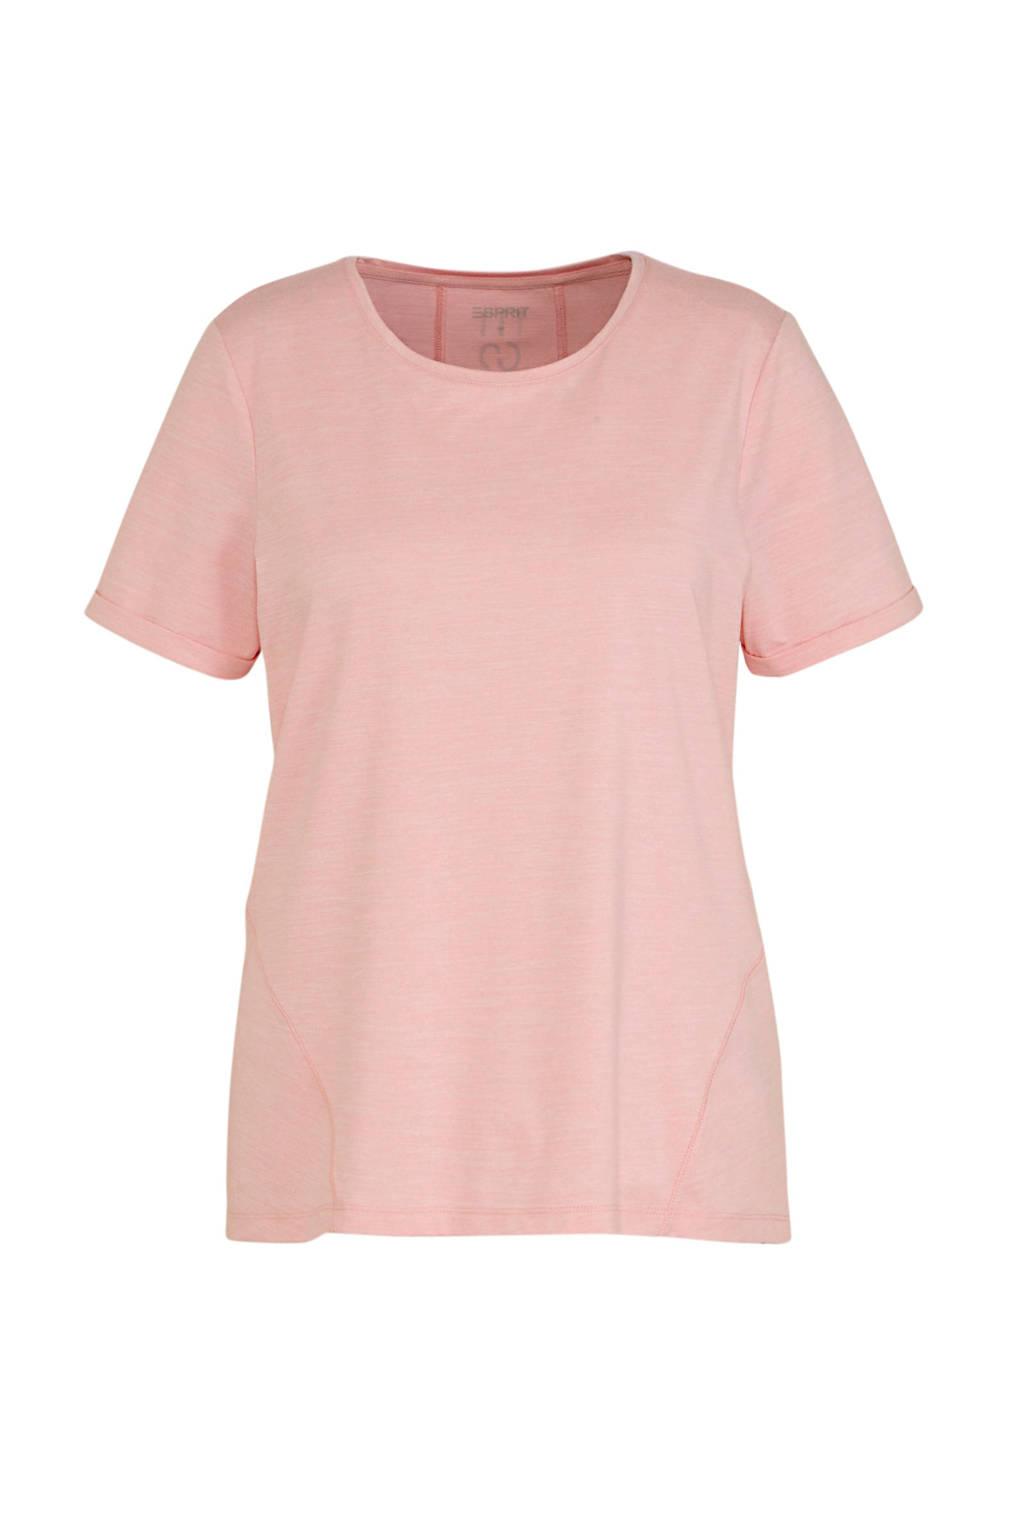 ESPRIT Women Sports Plus Size T-shirt roze, Roze